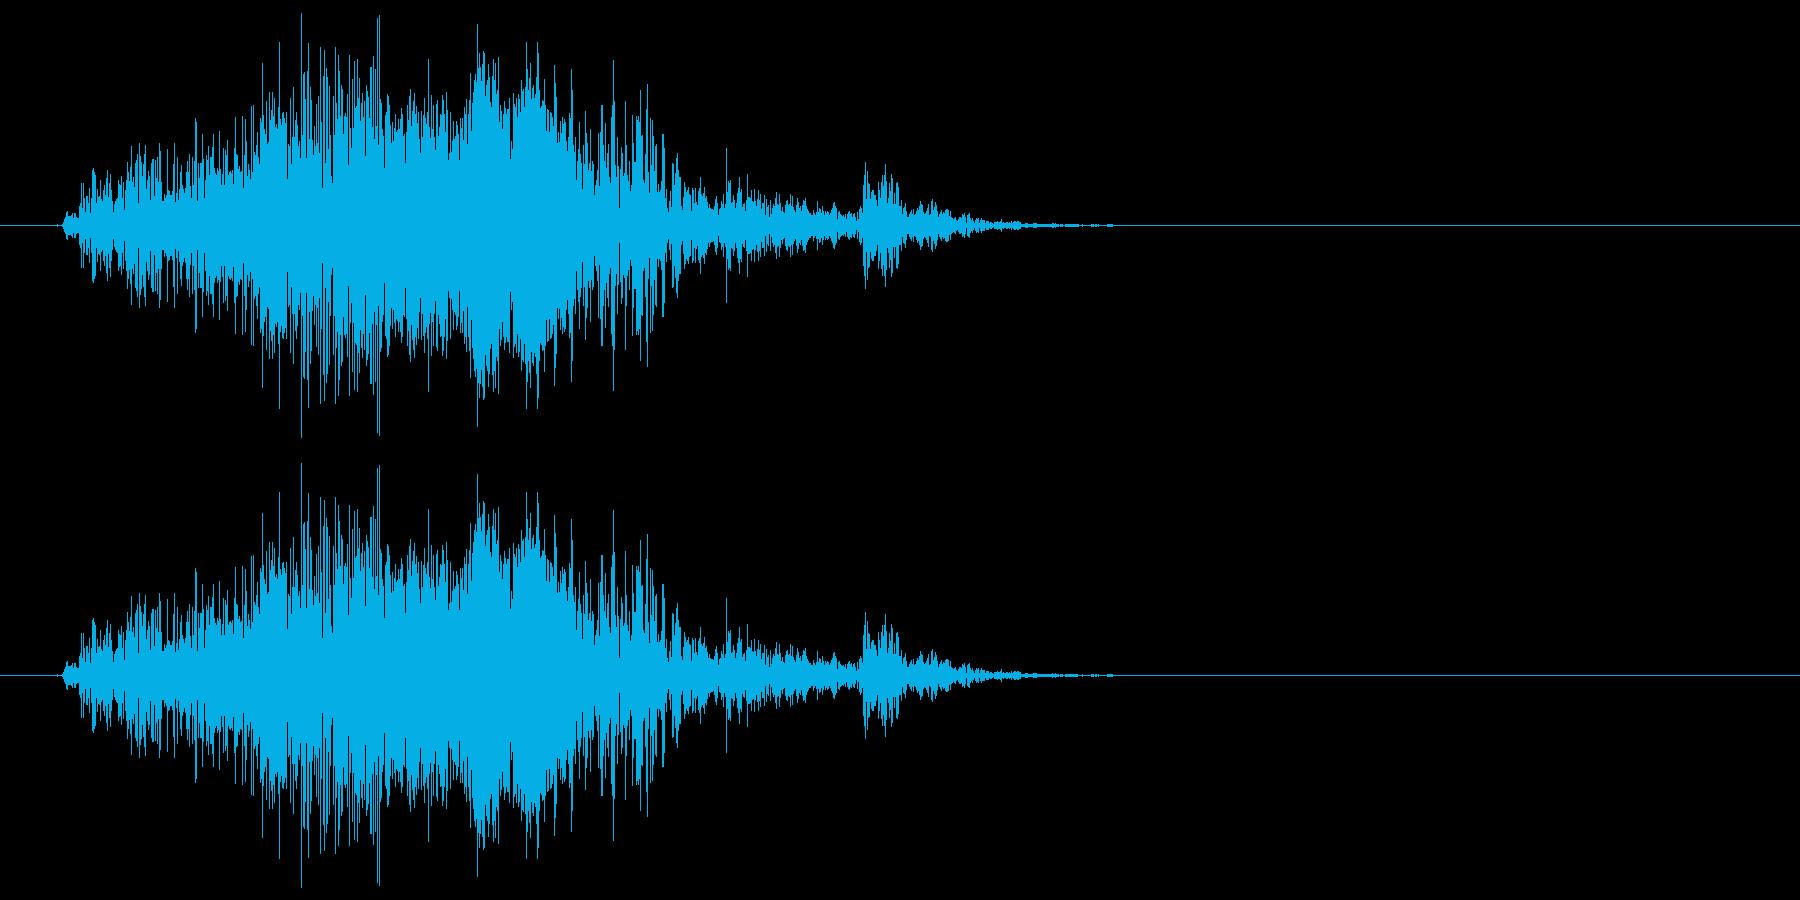 チャックの開け閉め音の再生済みの波形